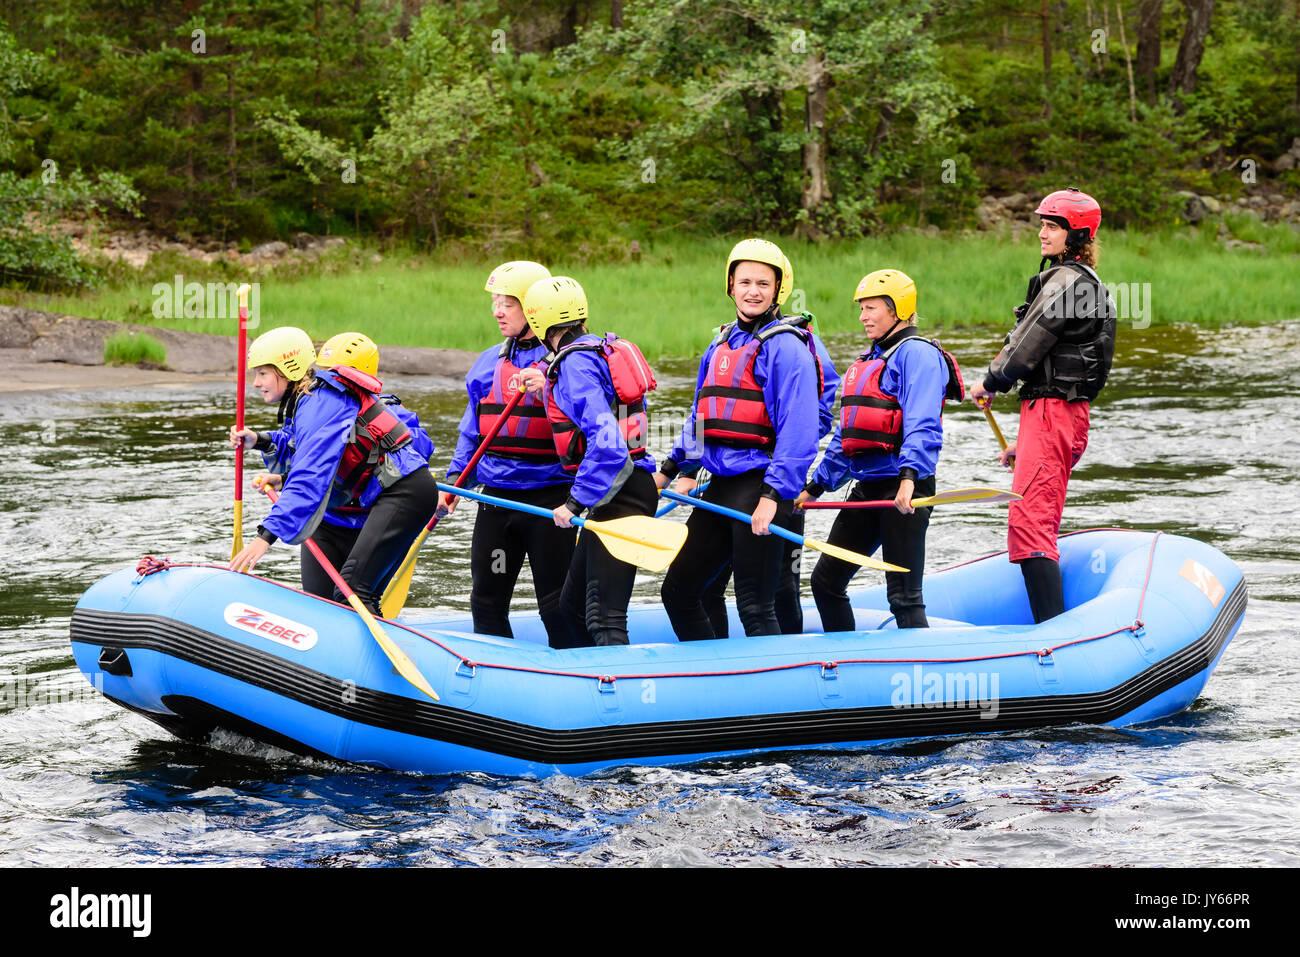 Byglandsfjord, Norvège - 1 août 2017: Voyage de groupe rafting documentaire ayant une aventure sur la rivière. Comité permanent du groupe dans le bateau tandis que dans le calme wat Photo Stock